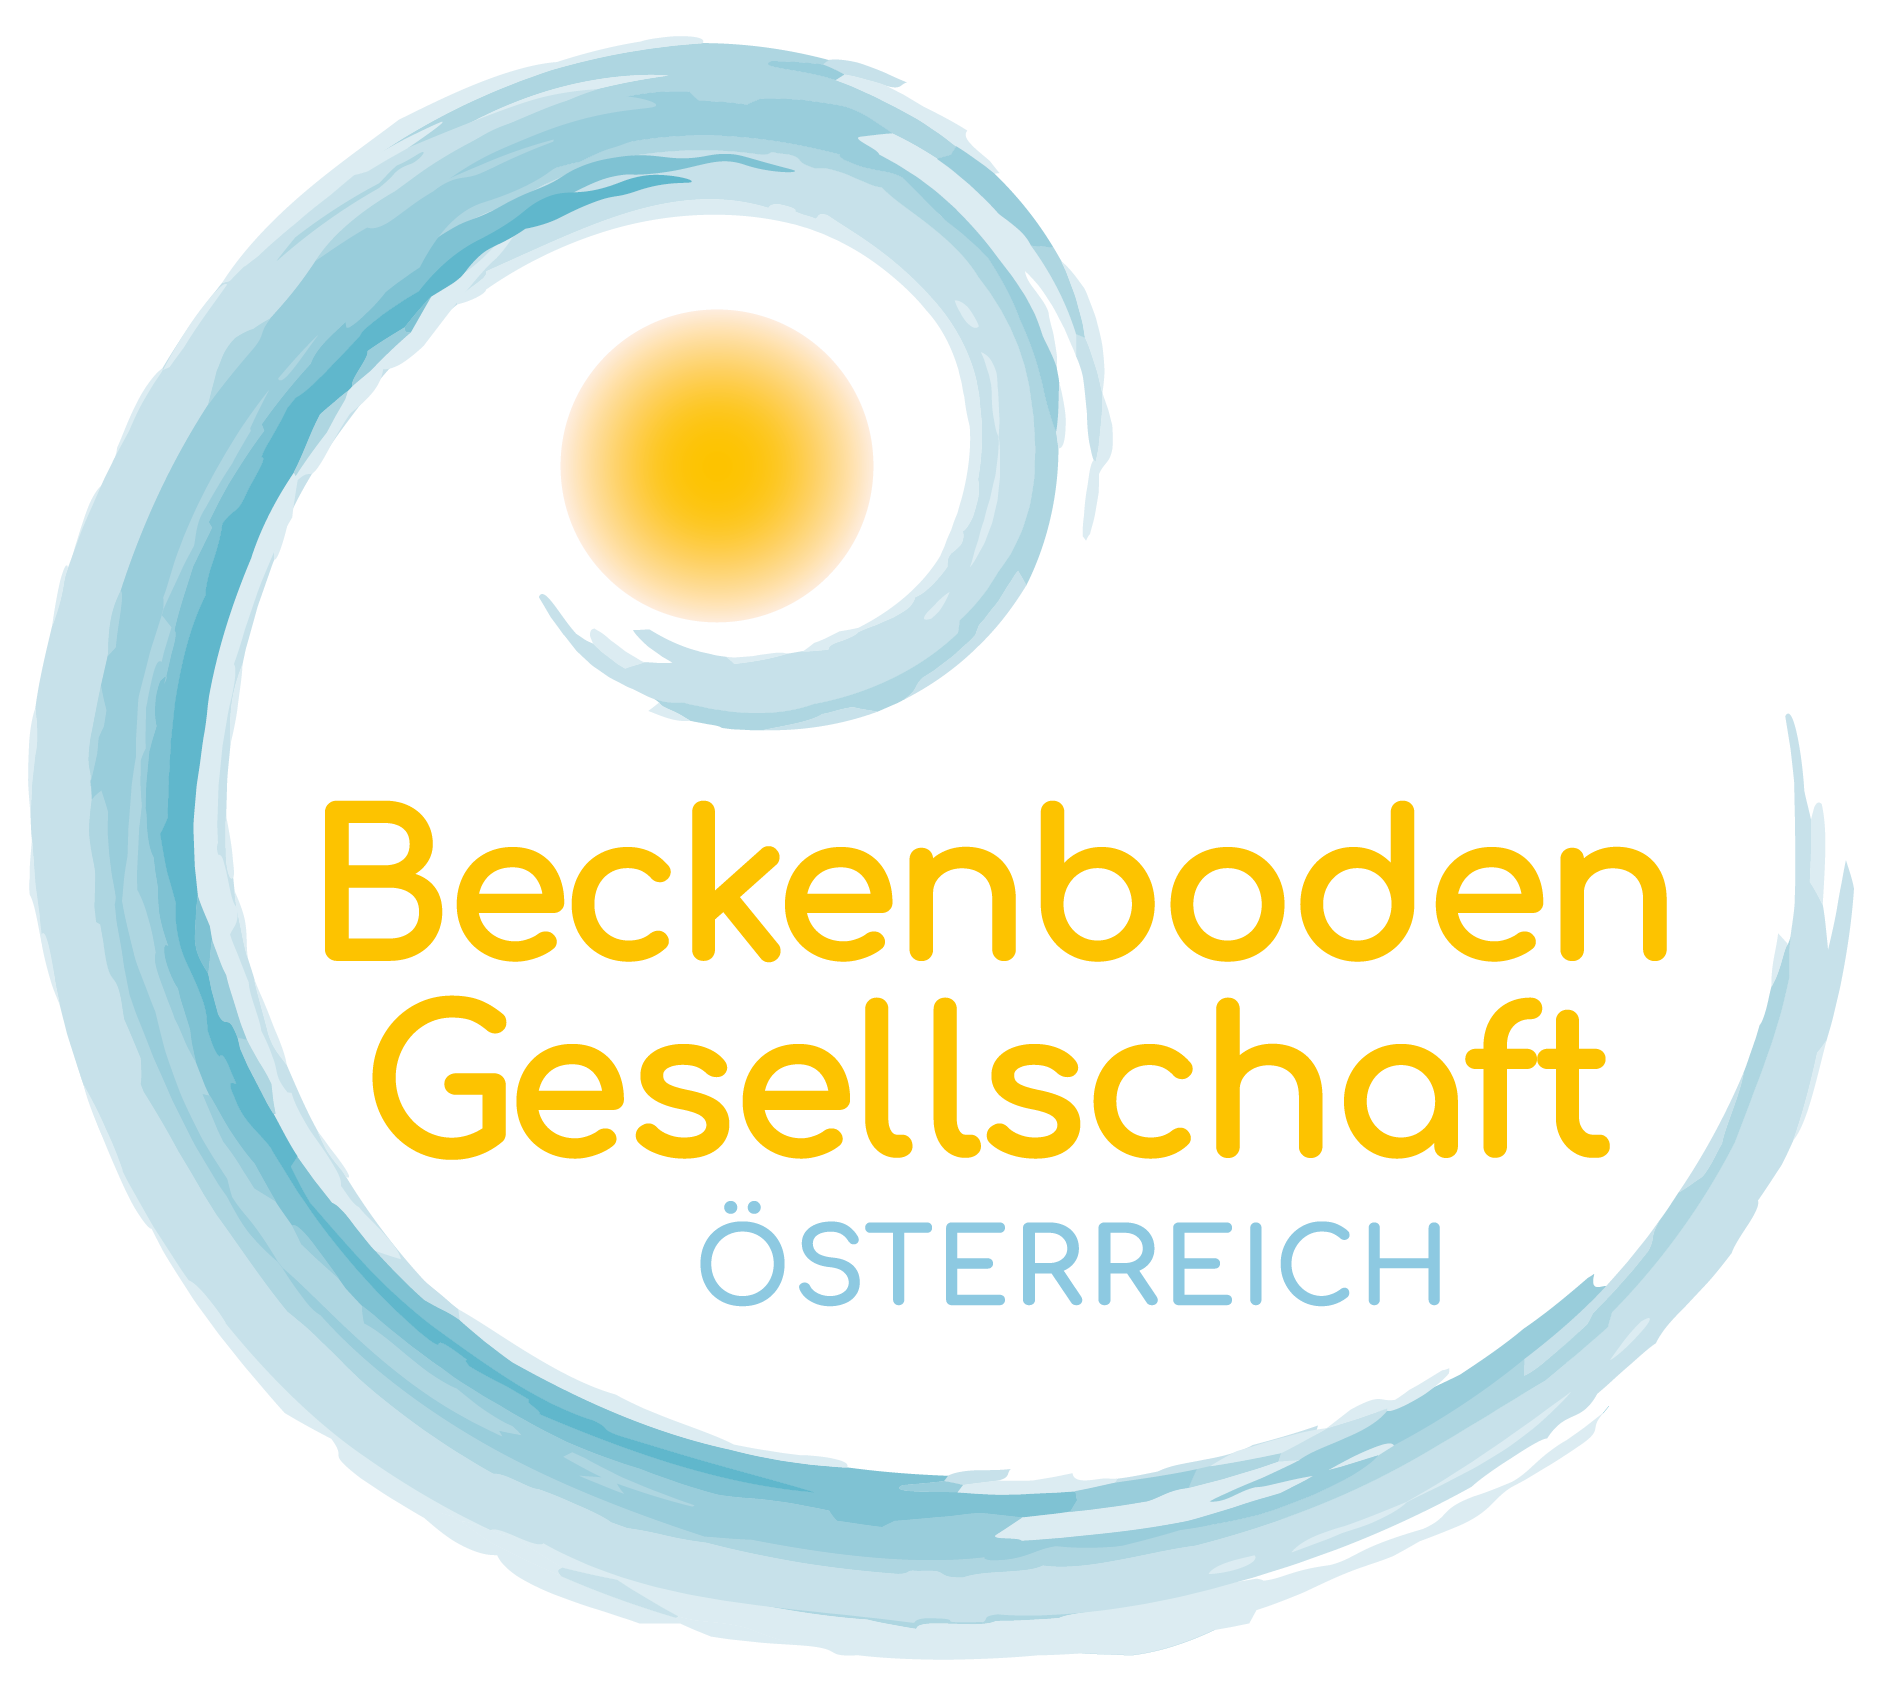 Beckenboden Gesellschaft Österreich